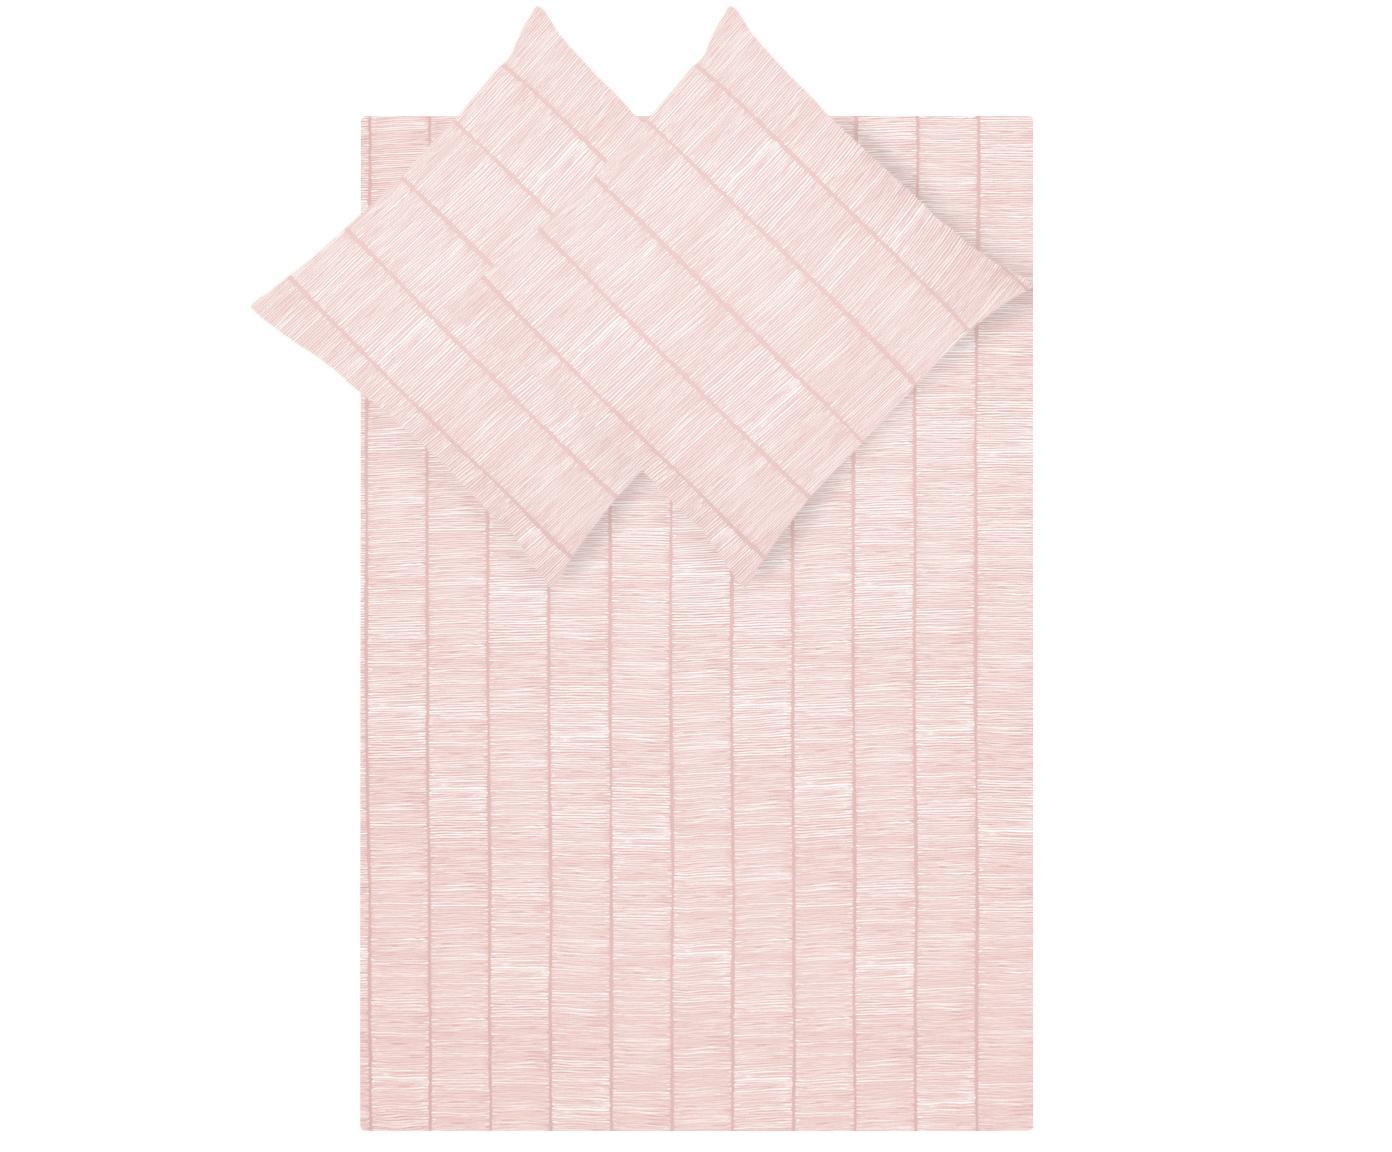 Gemusterte Baumwoll-Bettwäsche Paulina, Webart: Renforcé Fadendichte 144 , Rosa, Weiß, 240 x 220 cm + 2 Kissen 80 x 80 cm